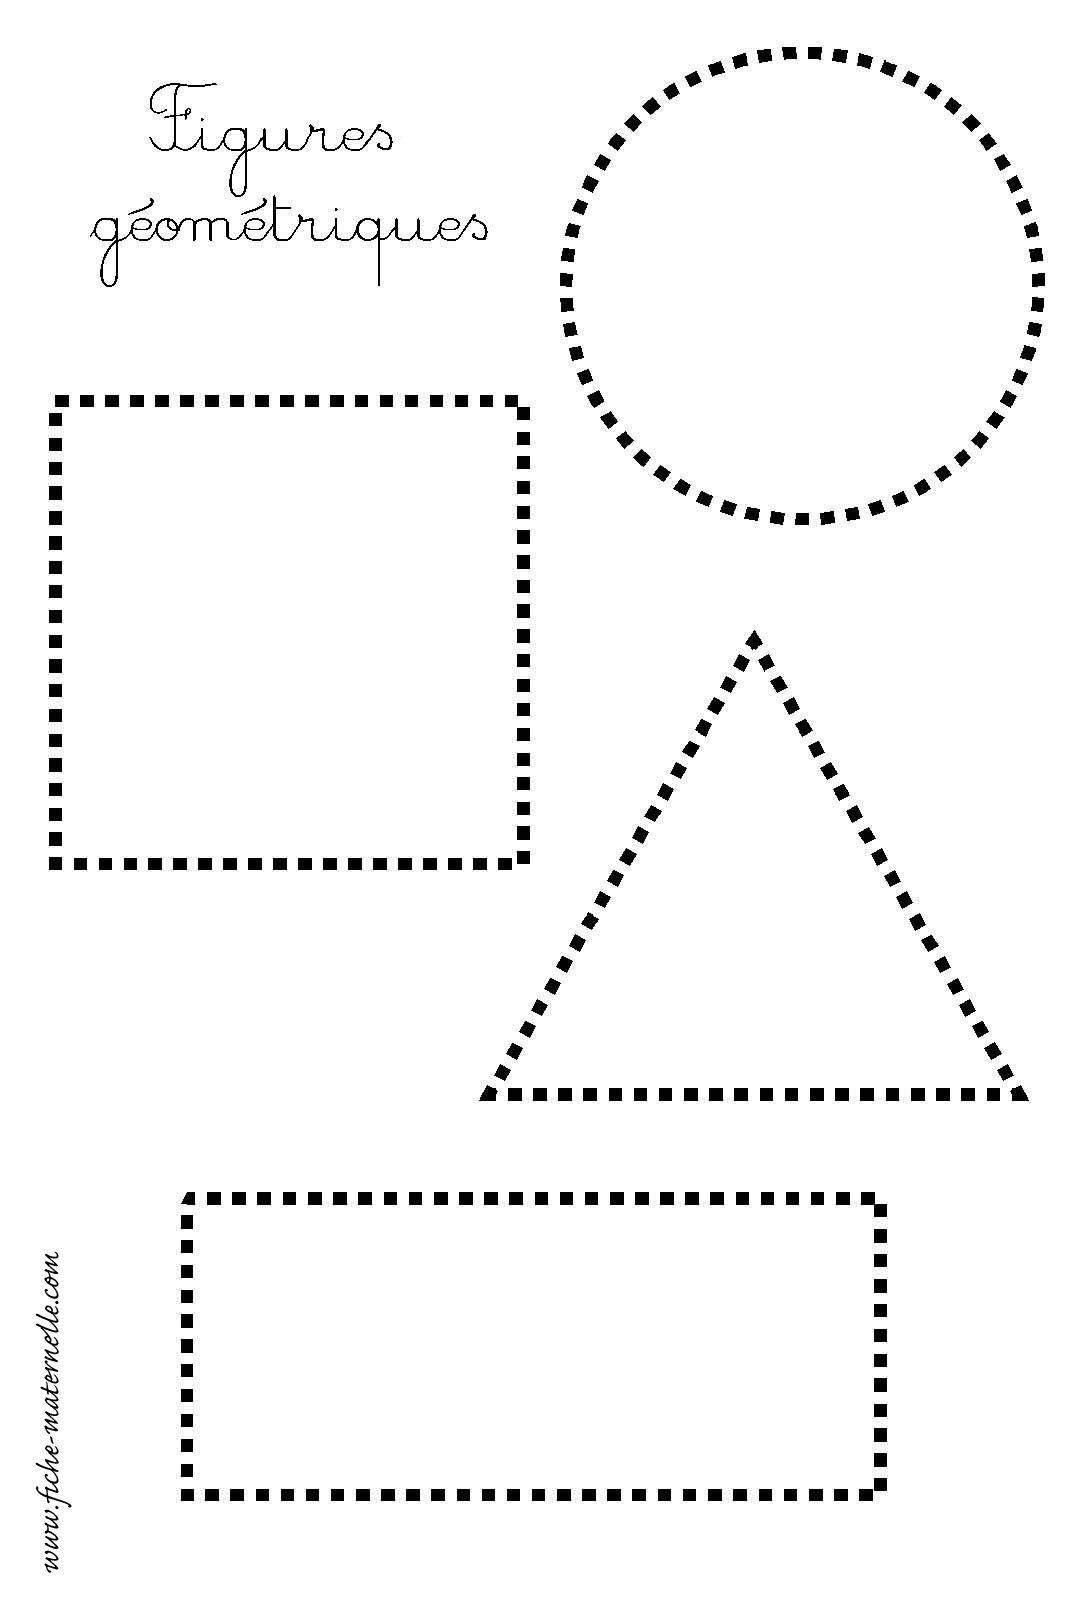 Site maternelle petite section : les figures géométriques | Figuras ...